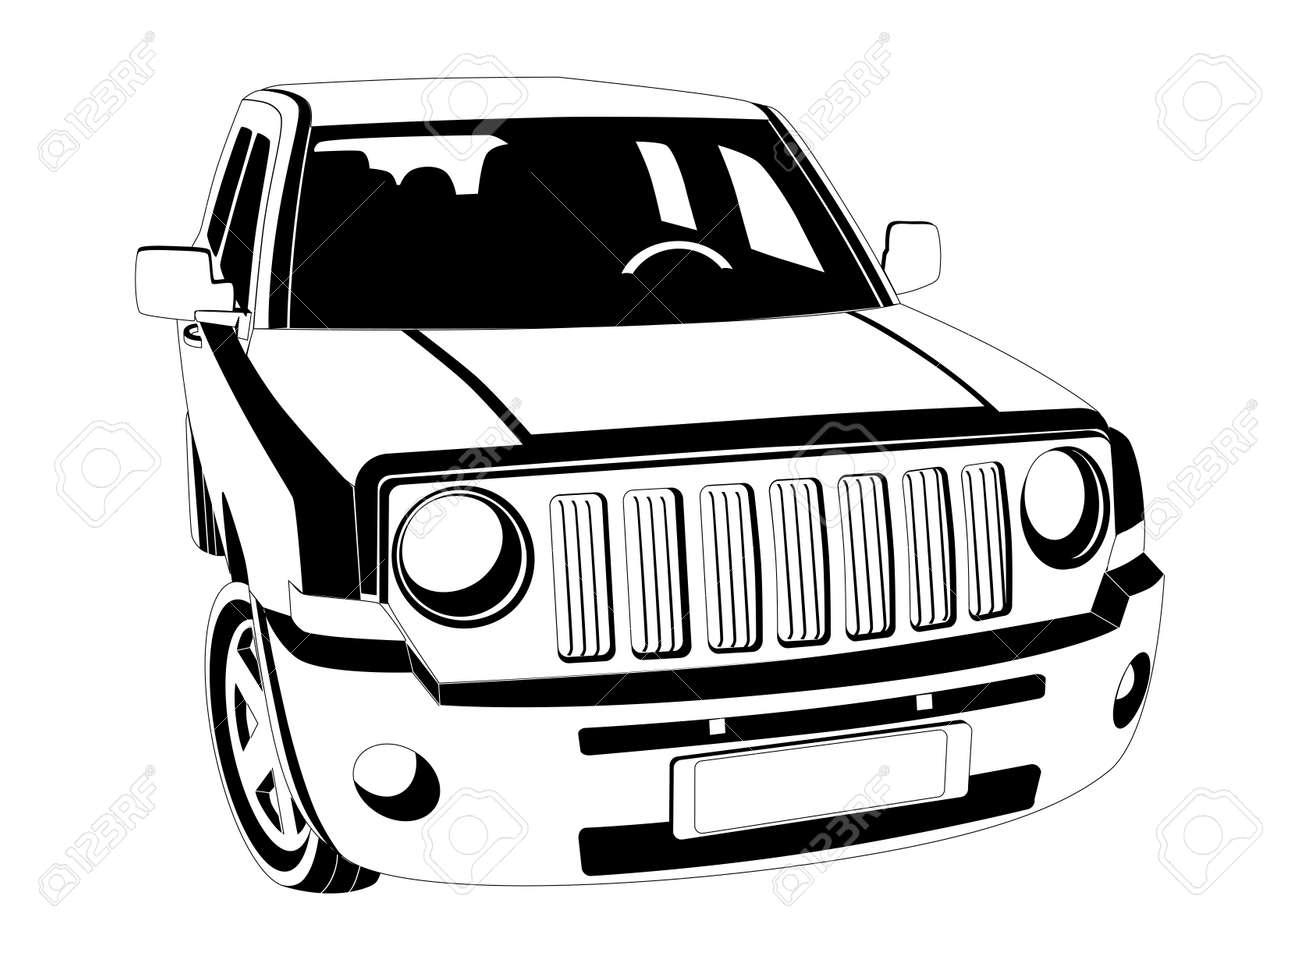 Suv Car Cliparts Stock Vector And Royalty Free Suv Car